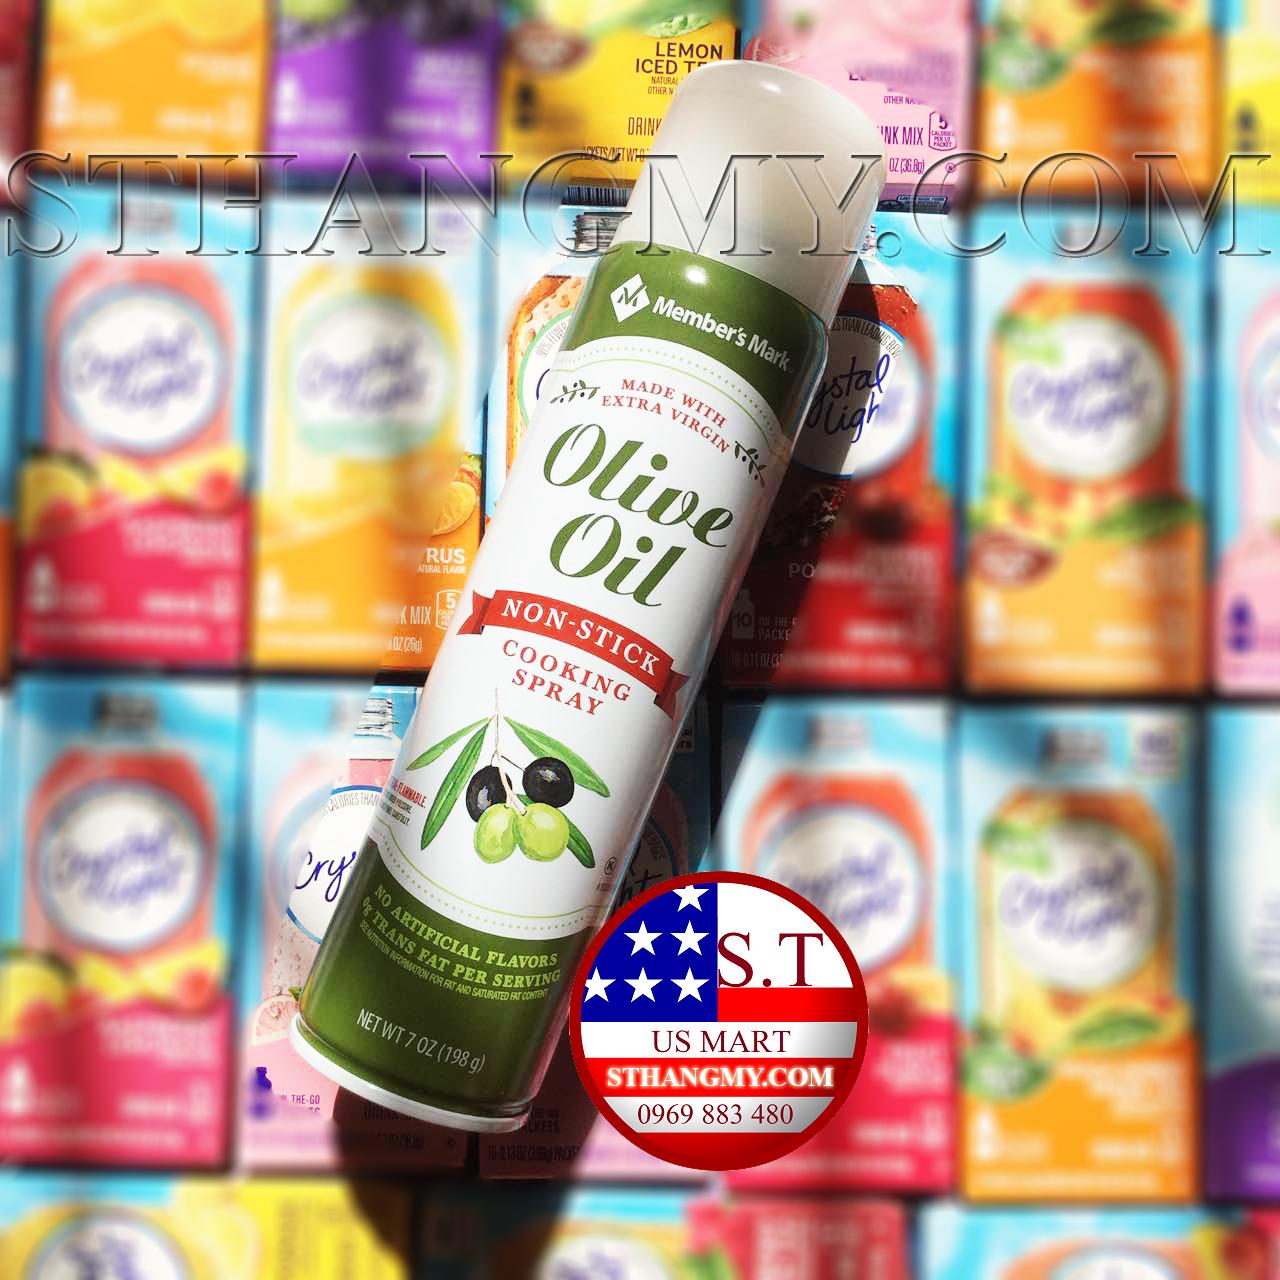 Dầu ăn kiêng Olive Member's Mark (650 lần xịt) - Eat Clean, Gymer, Keto